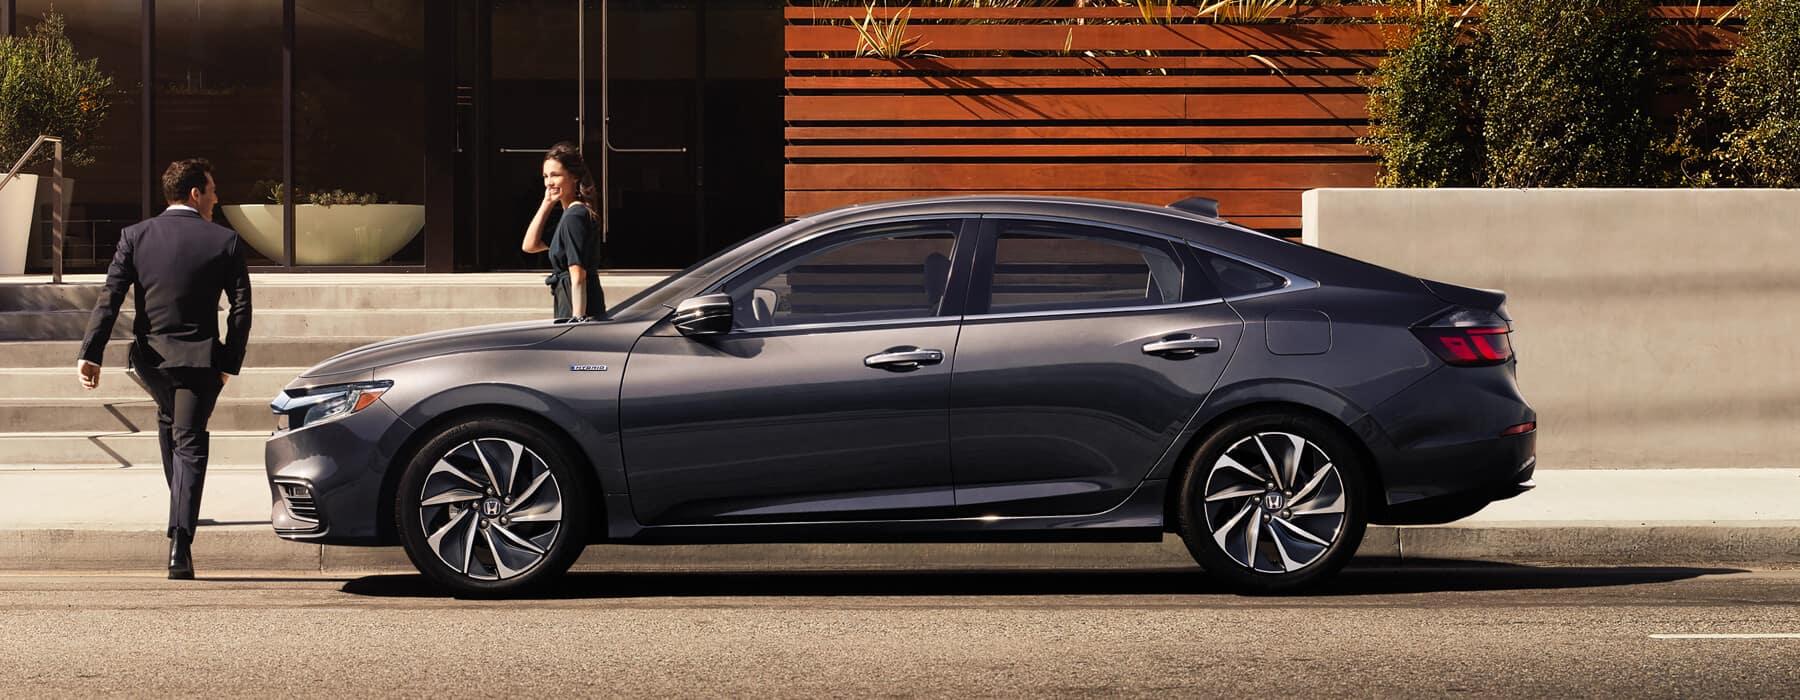 2021 Honda Insight Hybrid Background